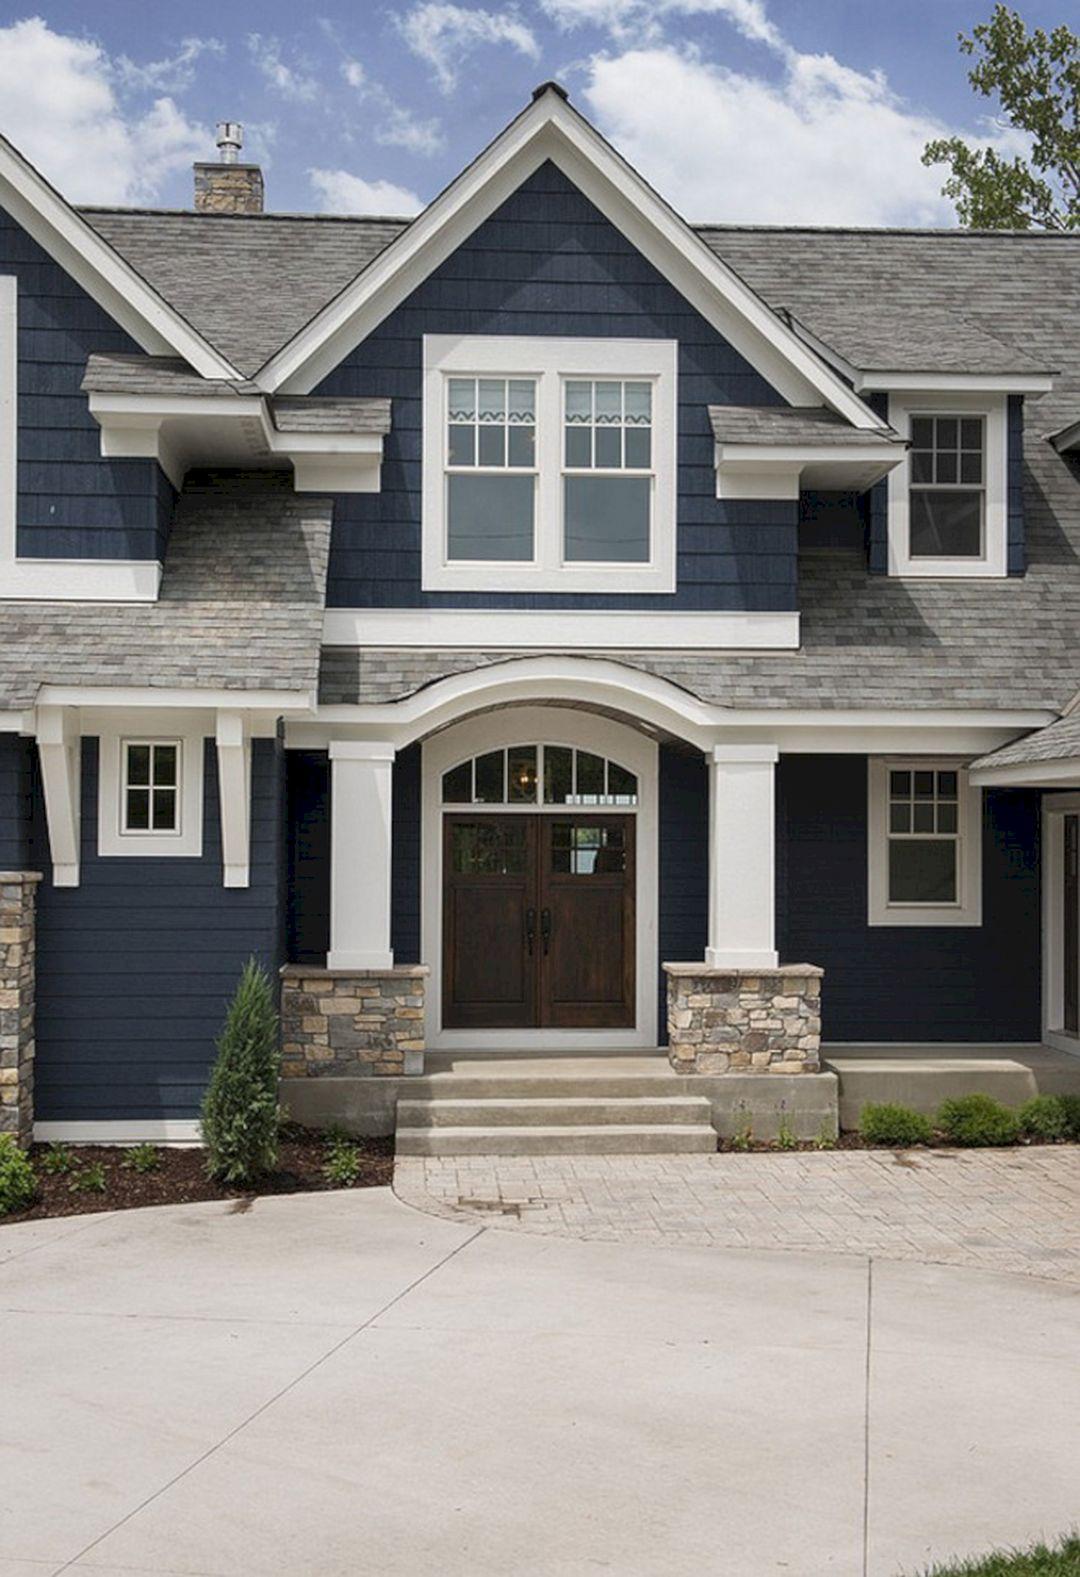 exterior paint colors ideas photo - 4